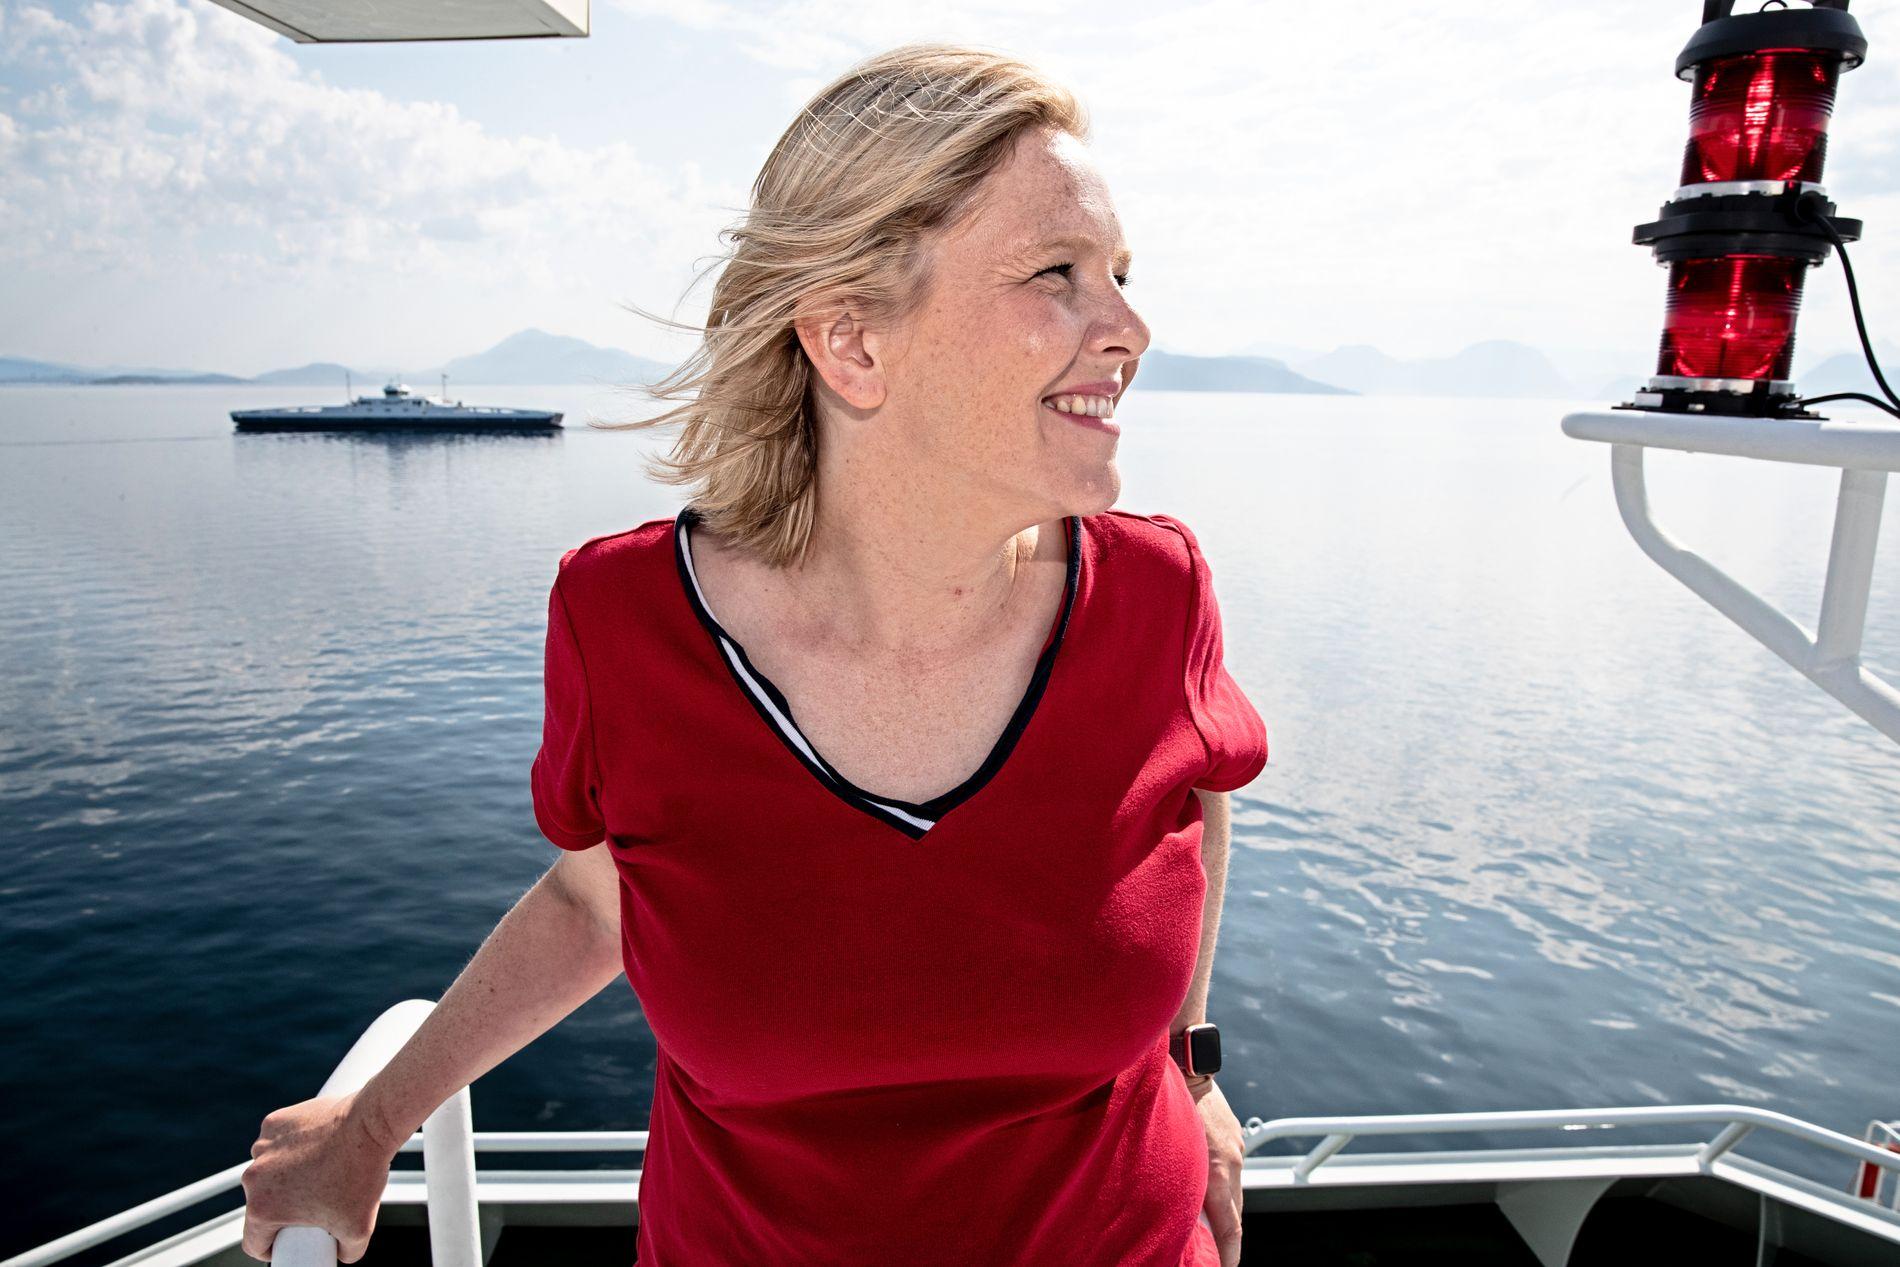 ØNSKER BILLIGERE ALTERNATIV: Frp-nestleder ønsker en ny utredning av kyststamveien i Møre og Romsdal. Hun mener Romsdalsaksen kan bli billigere enn prislappen på 23,1 milliarder kroner for Møreaksen.